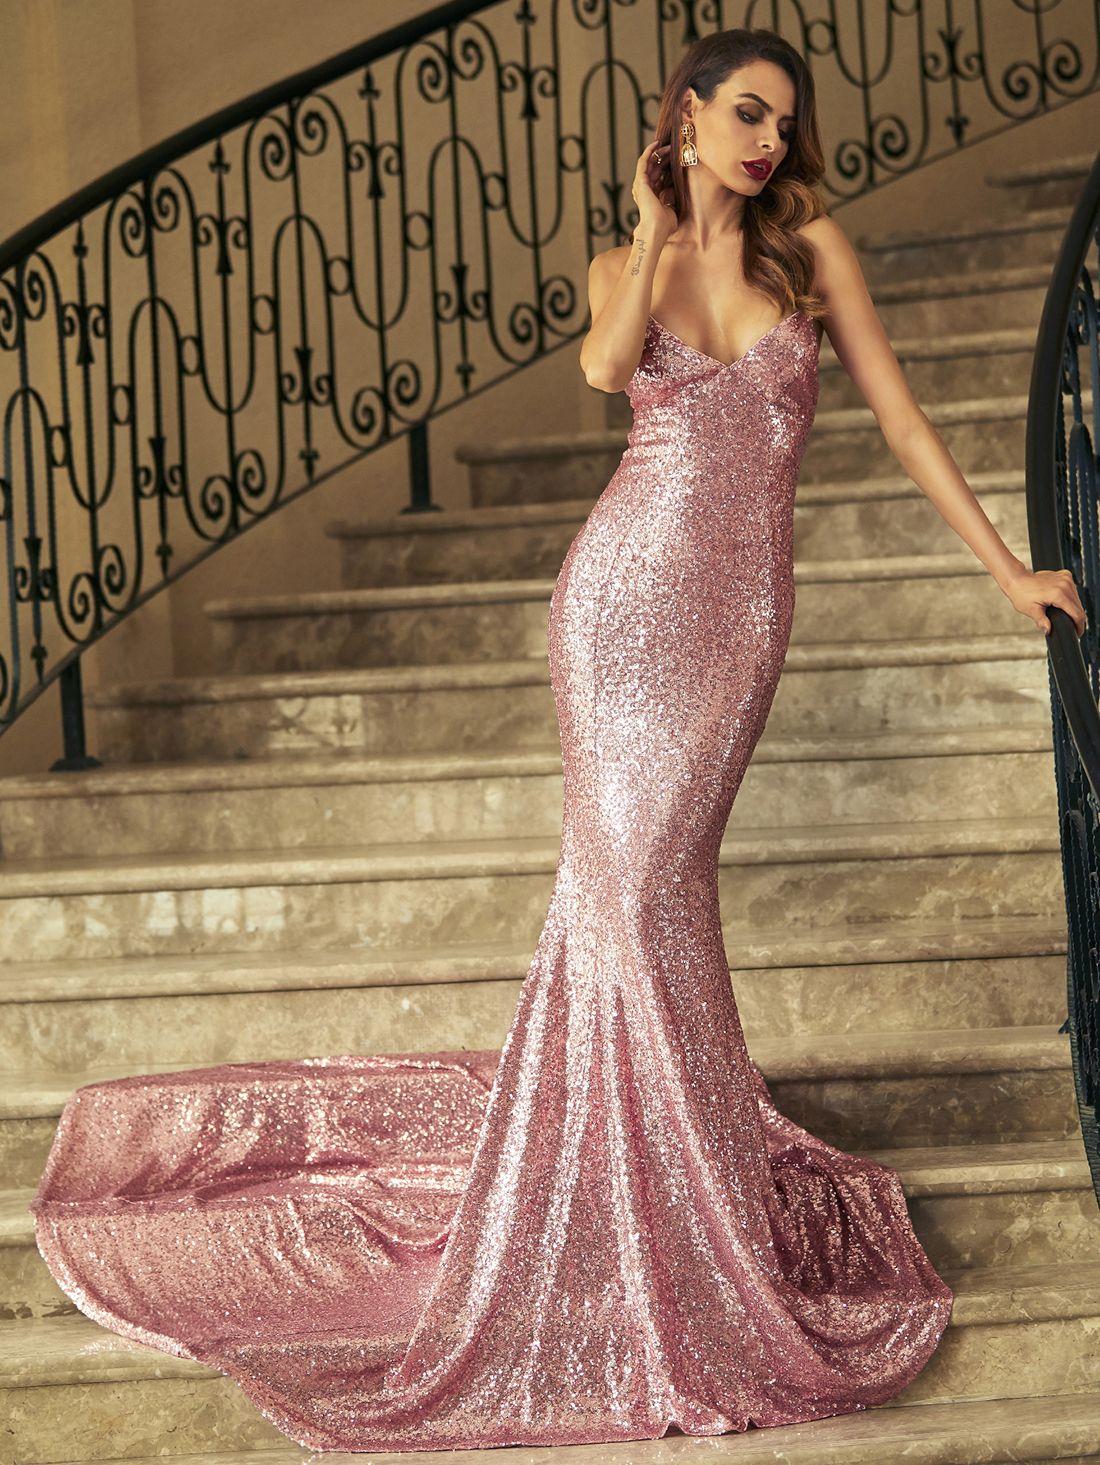 58d6981ff4 Shop Pink Crisscross Back Fishtail Sequin Dress online. SheIn offers Pink  Crisscross Back Fishtail Sequin Dress & more to fit your fashionable needs.